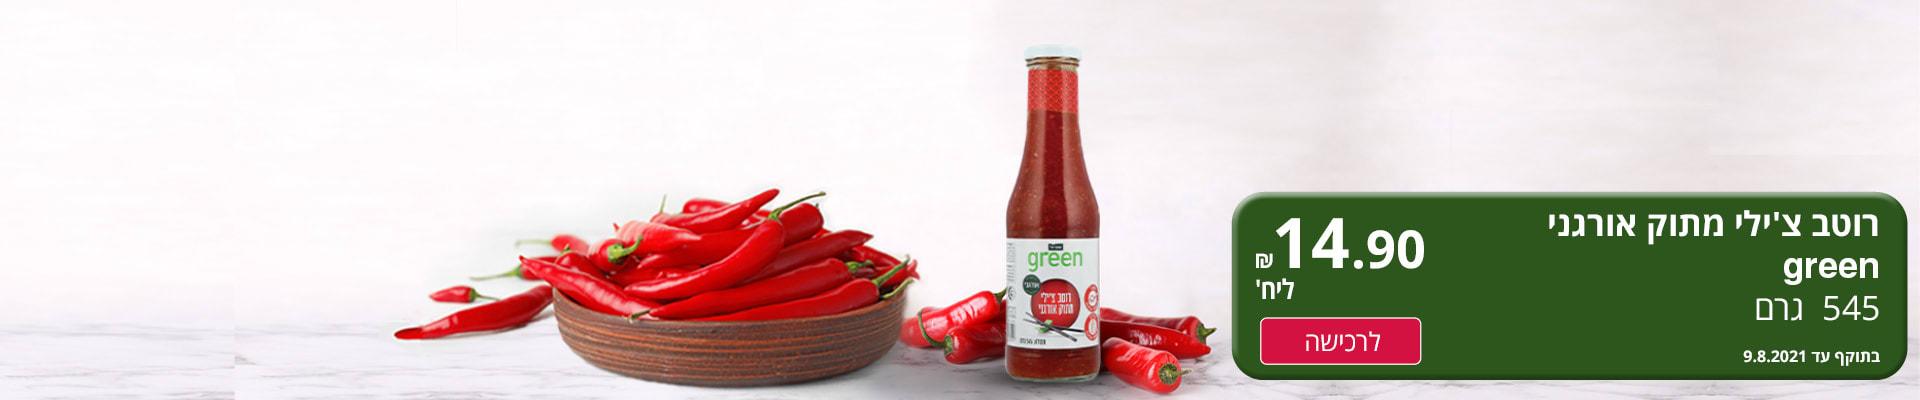 רוטב צ'ילי מתוק אורגני GREEN 545 גרם 14.90 ₪ ליח' לרכישה בתוקף עד 9.8.2021